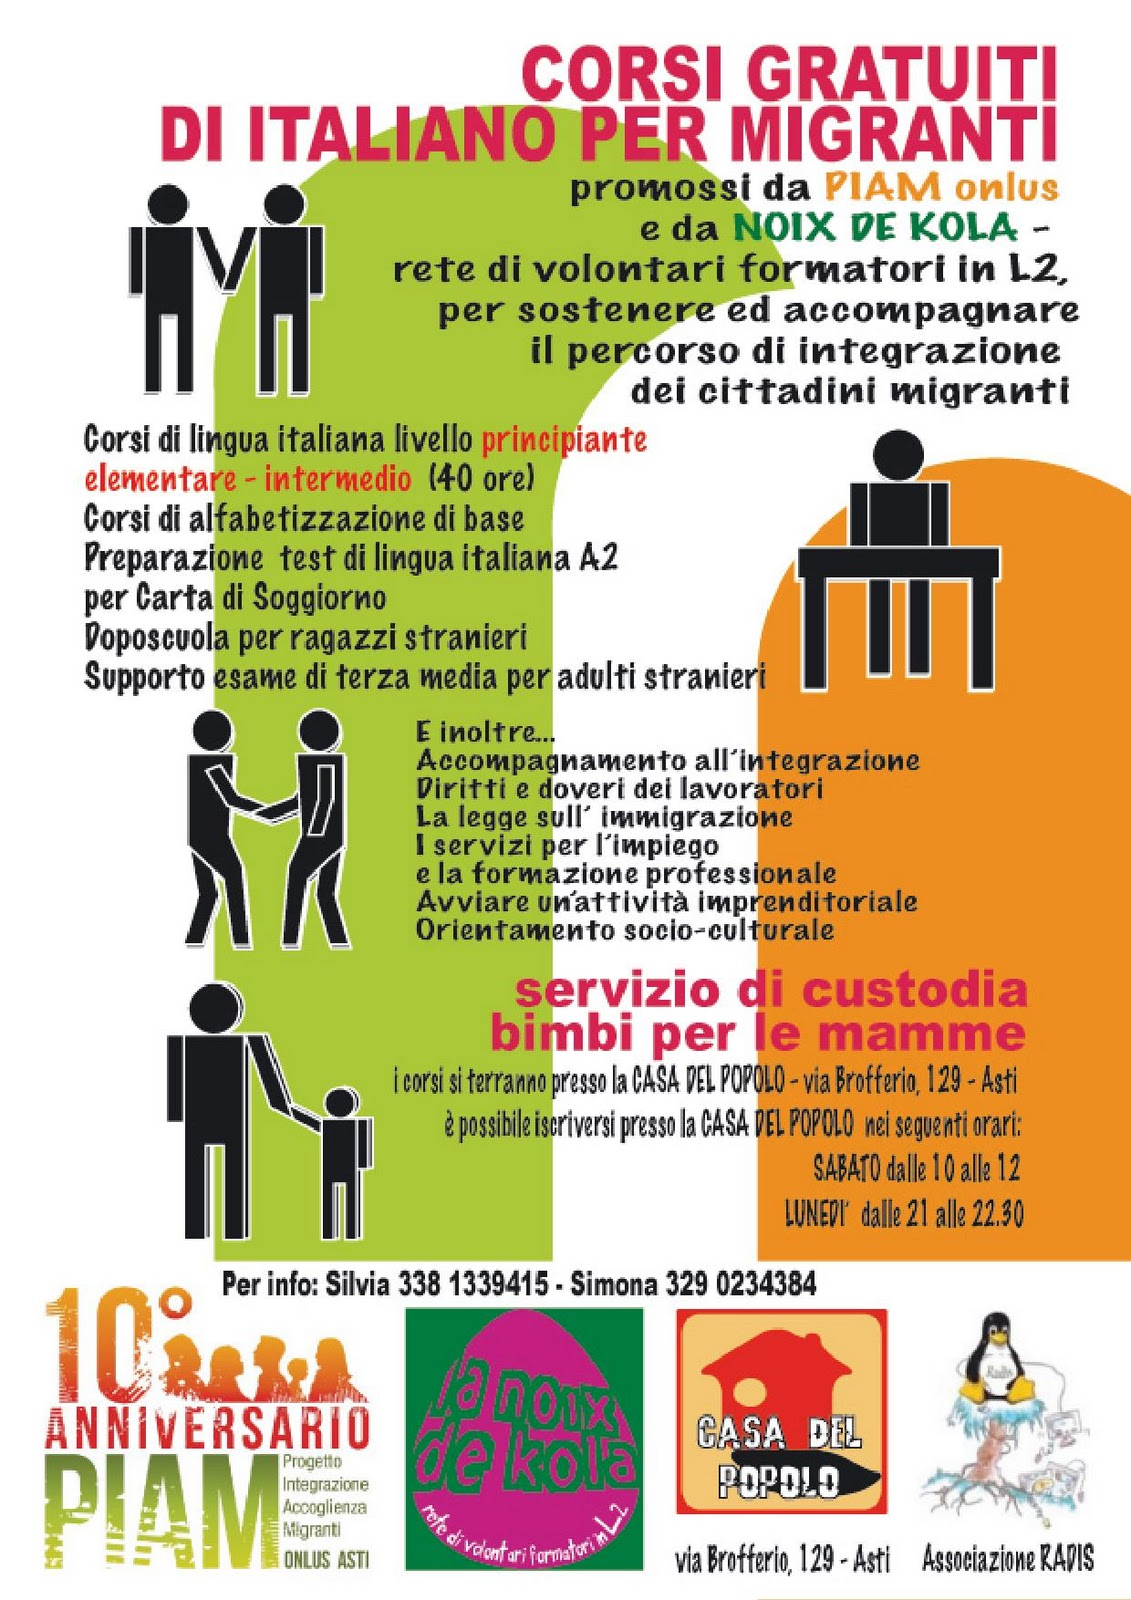 Piam onlus laboratorio sociale di lingua e integrazione for Test lingua italiana per carta di soggiorno